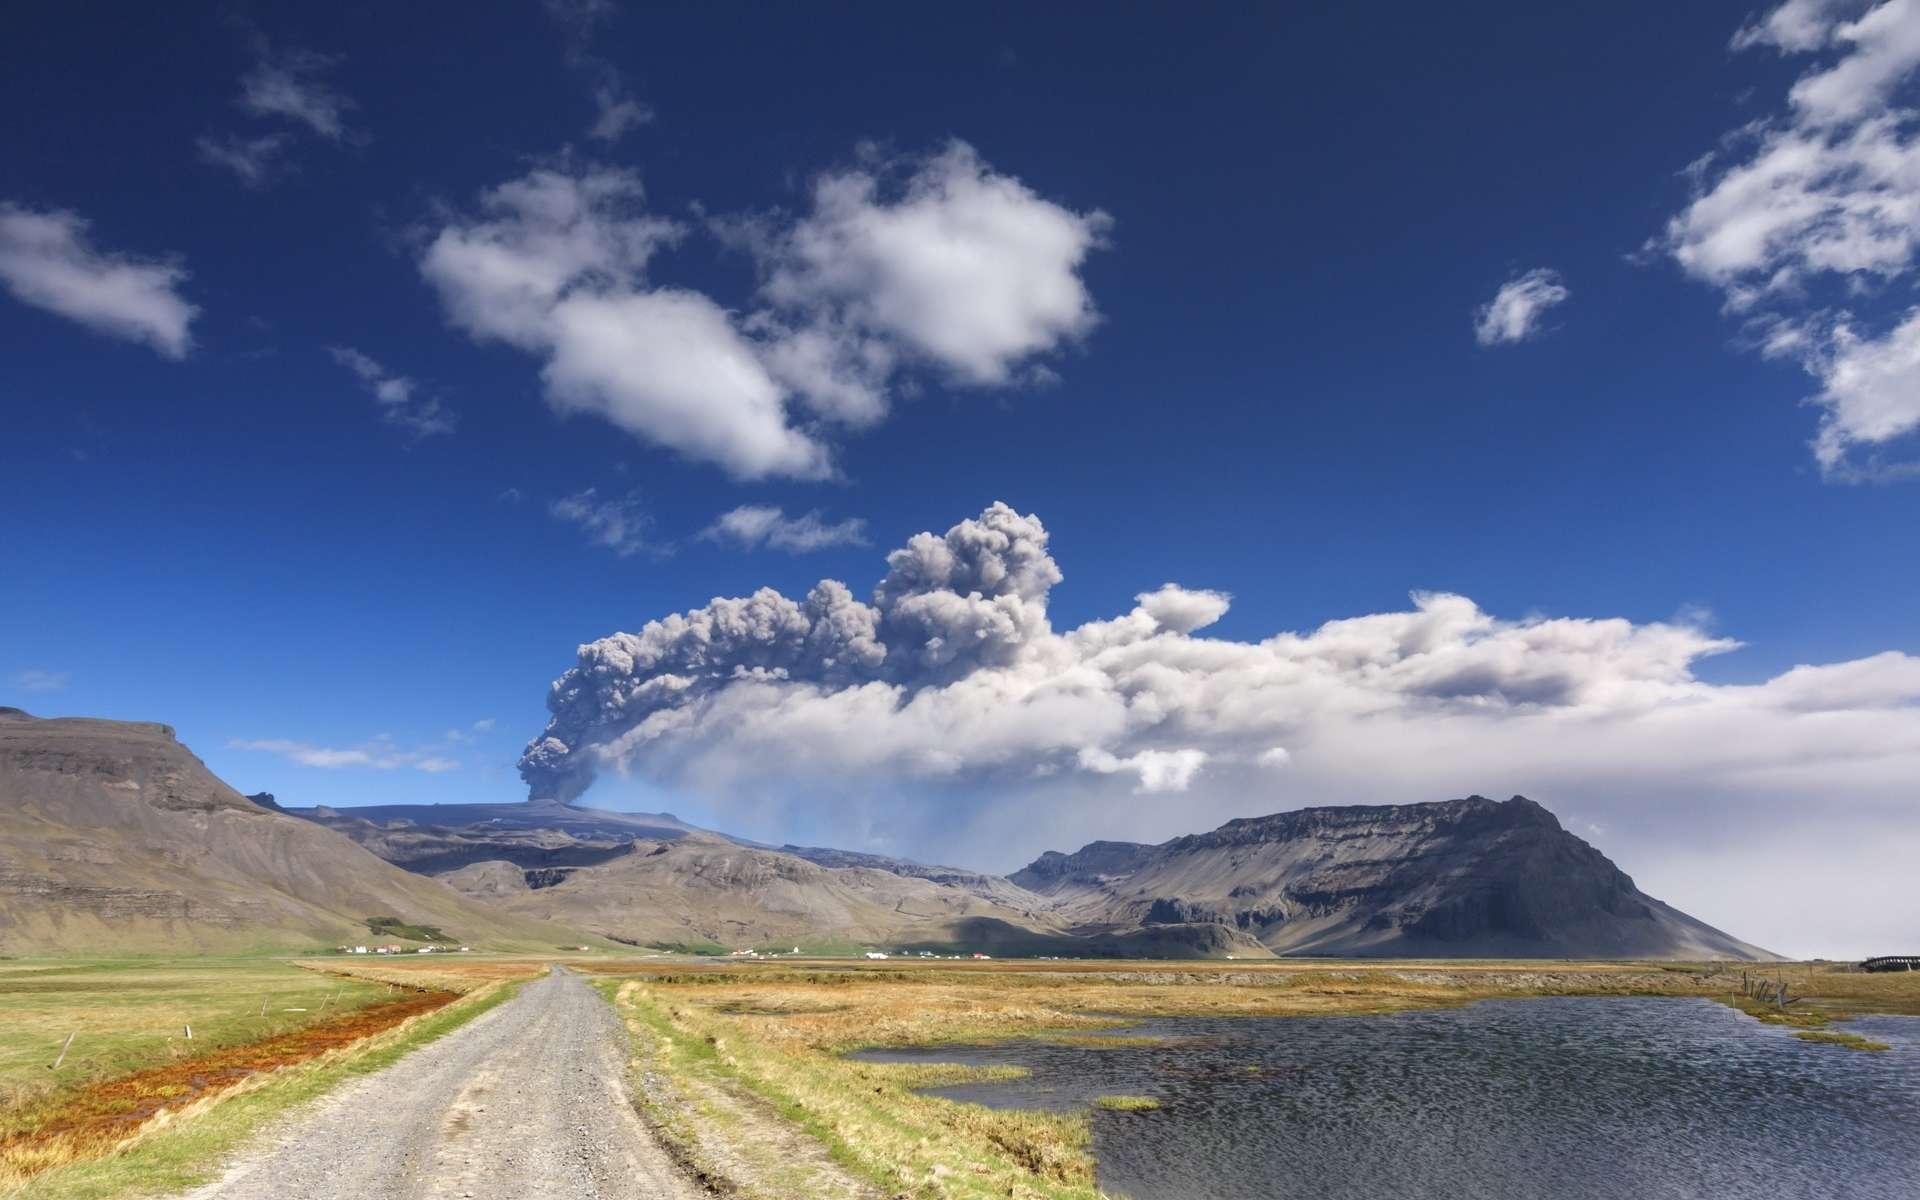 Le volcan le plus actif de l'Islande, le Grímsvötn, est en train de se réveiller : les taux élevés de dioxyde de soufre ont été enregistrés et signalent la présence de magma à une faible profondeur. © Mateusz Liberra, Adobe Stock